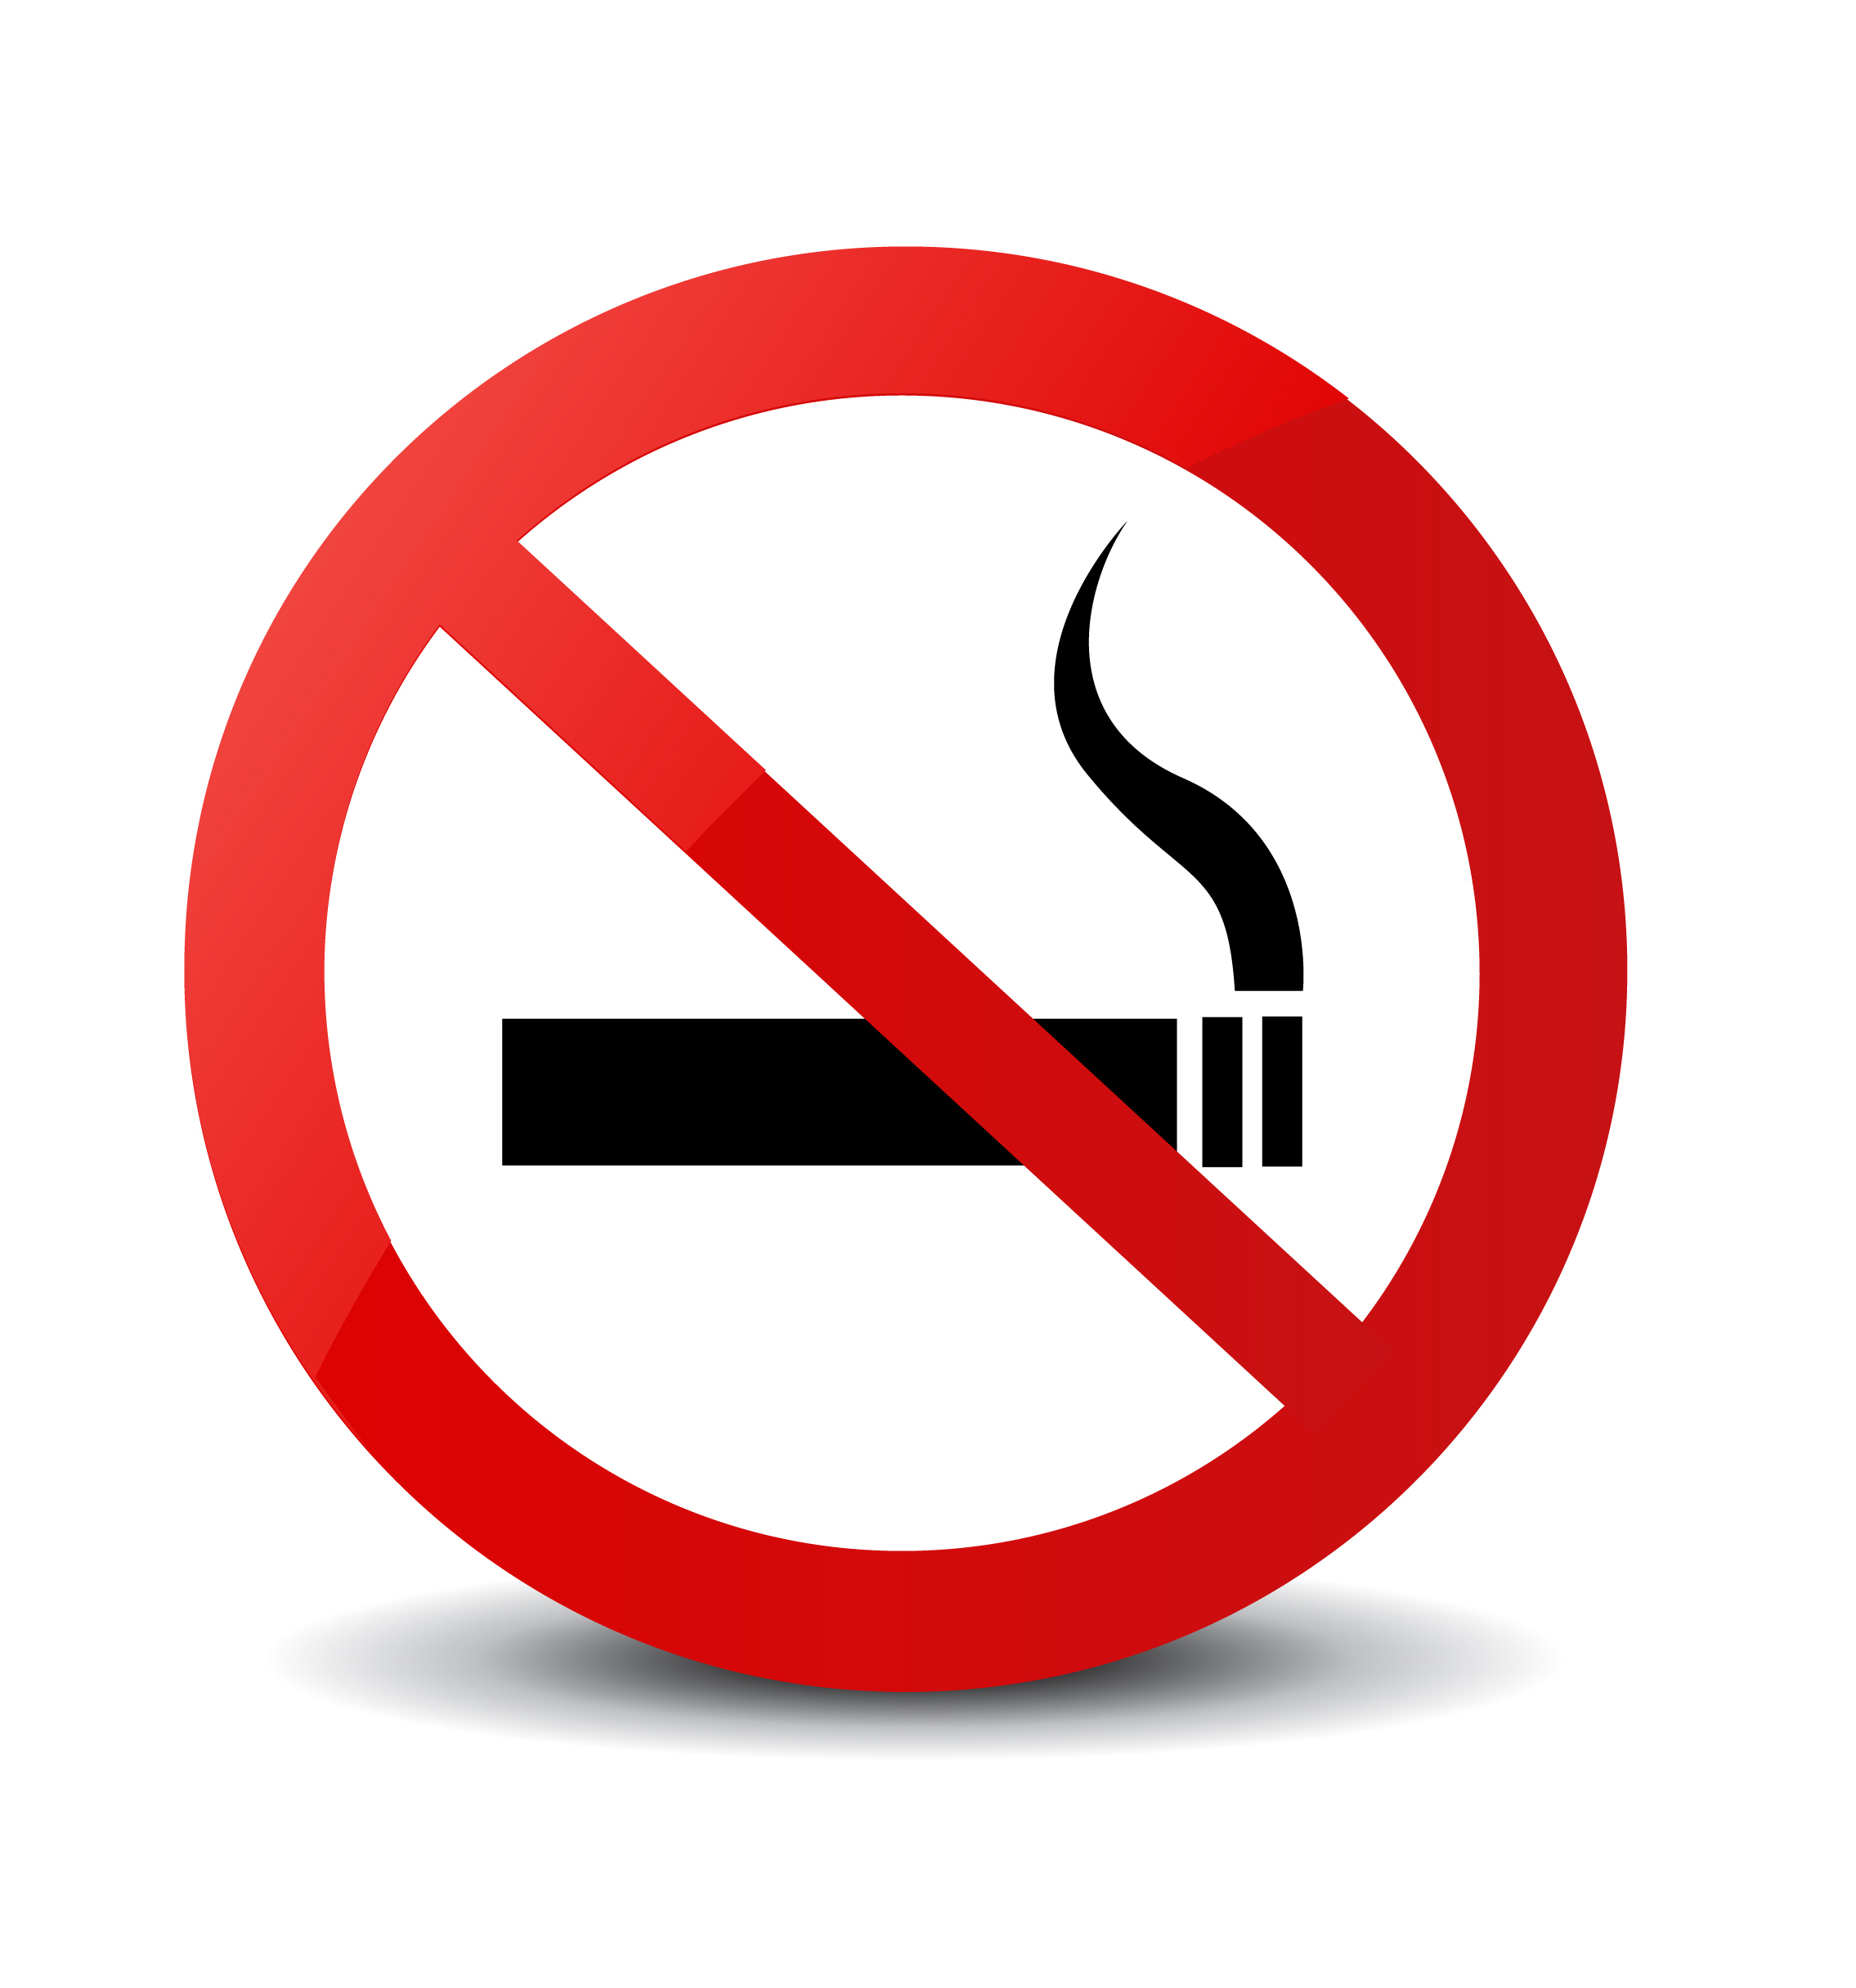 Αποτέλεσμα εικόνας για ια απαγόρευση του καπνίσματος